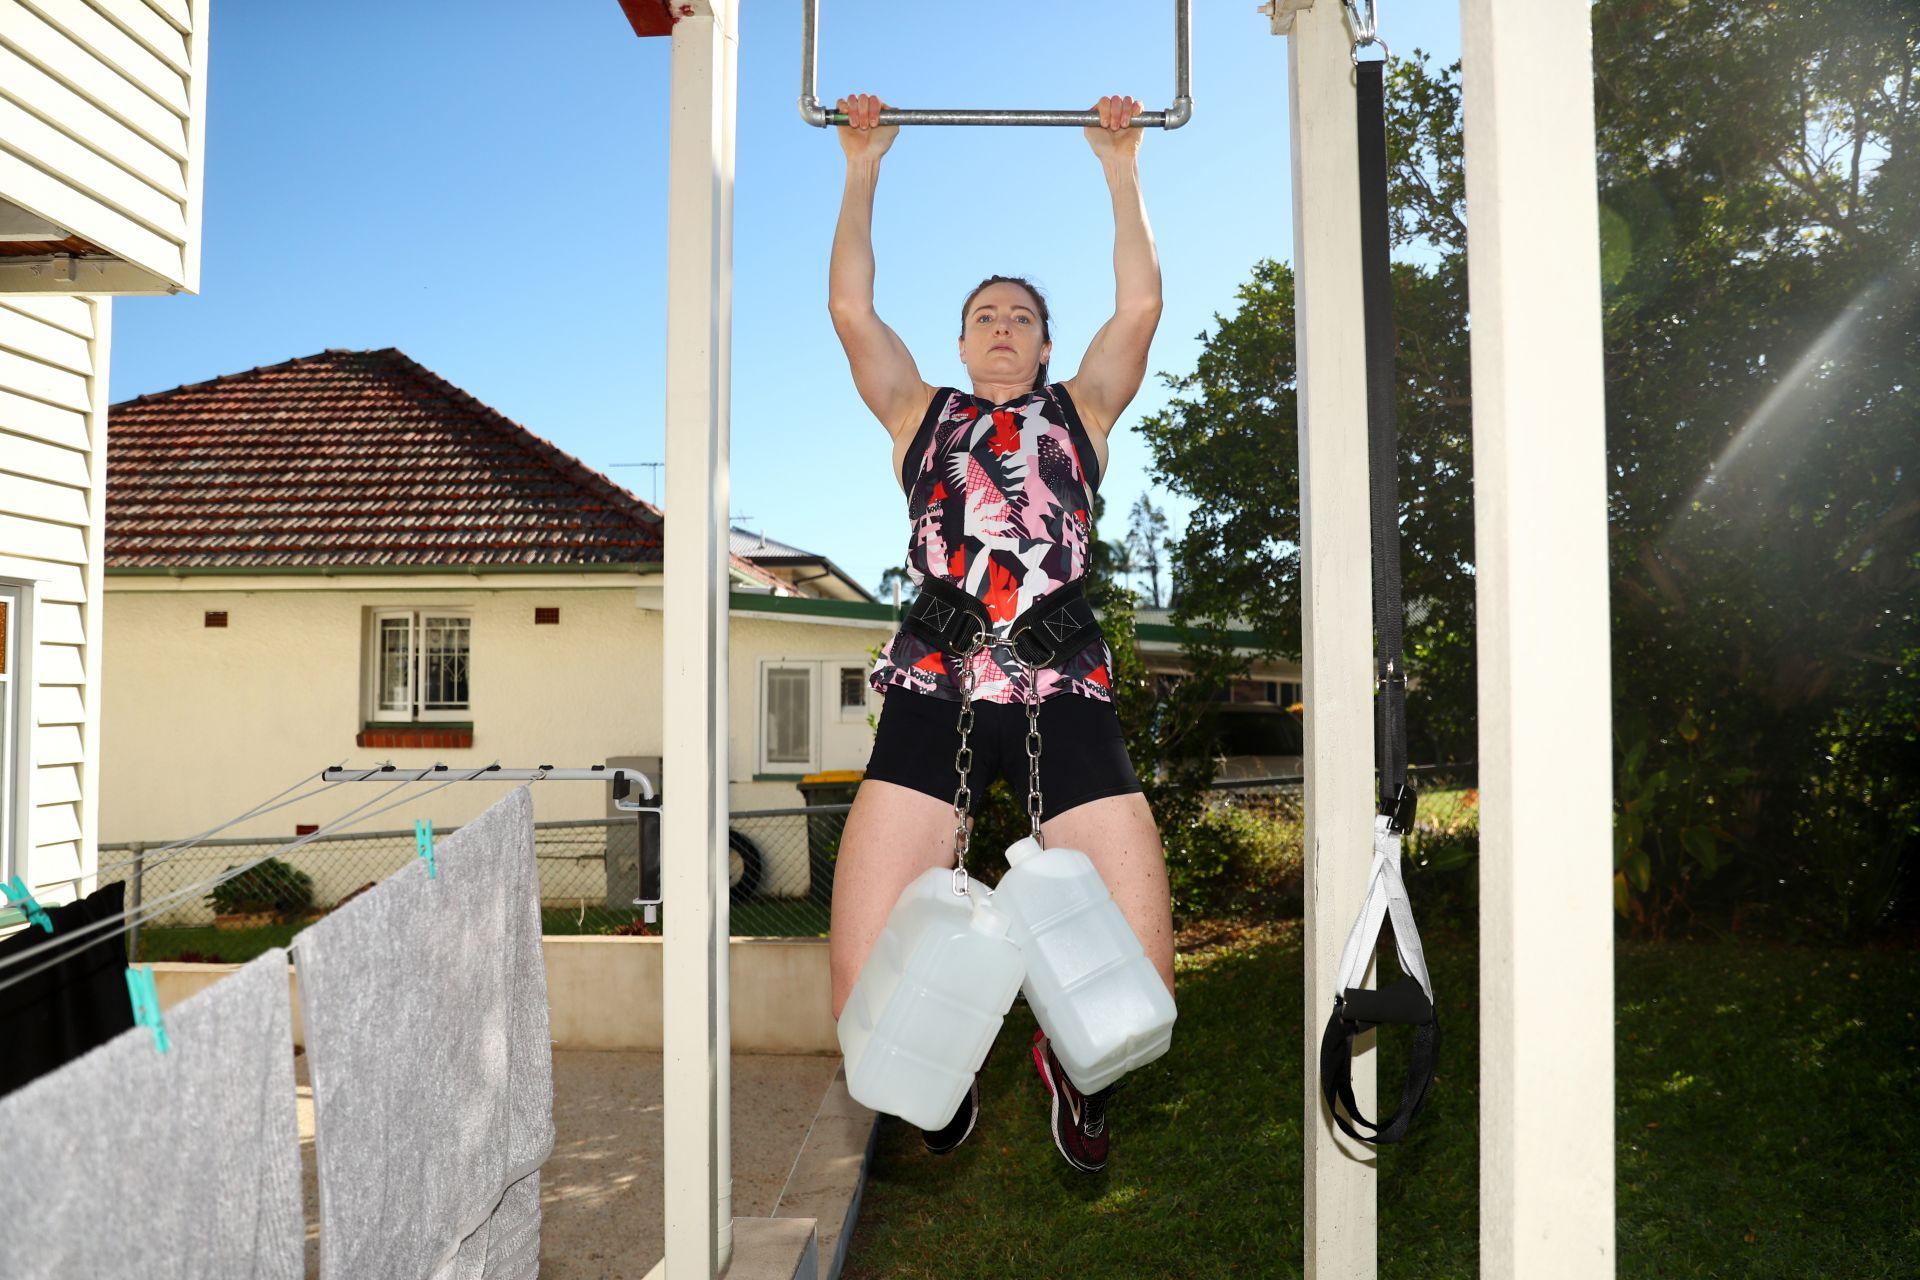 Австралийката прави задължително набирания, както и стречинг за гърба